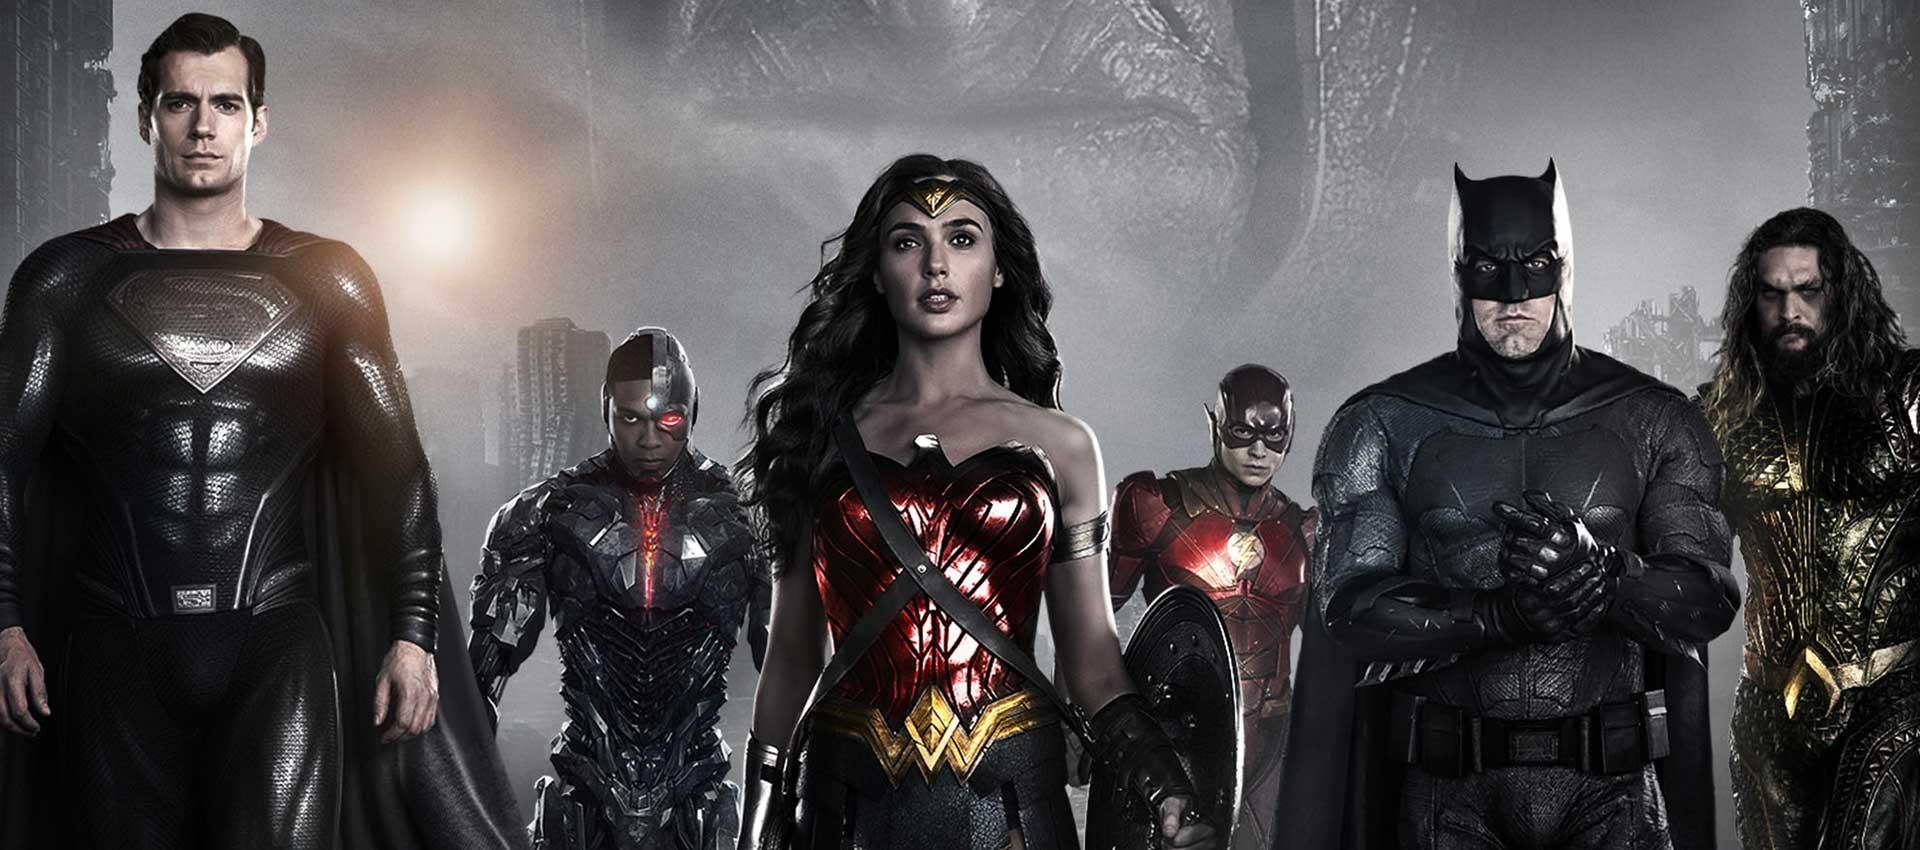 Justice League türkçe izle hd izle